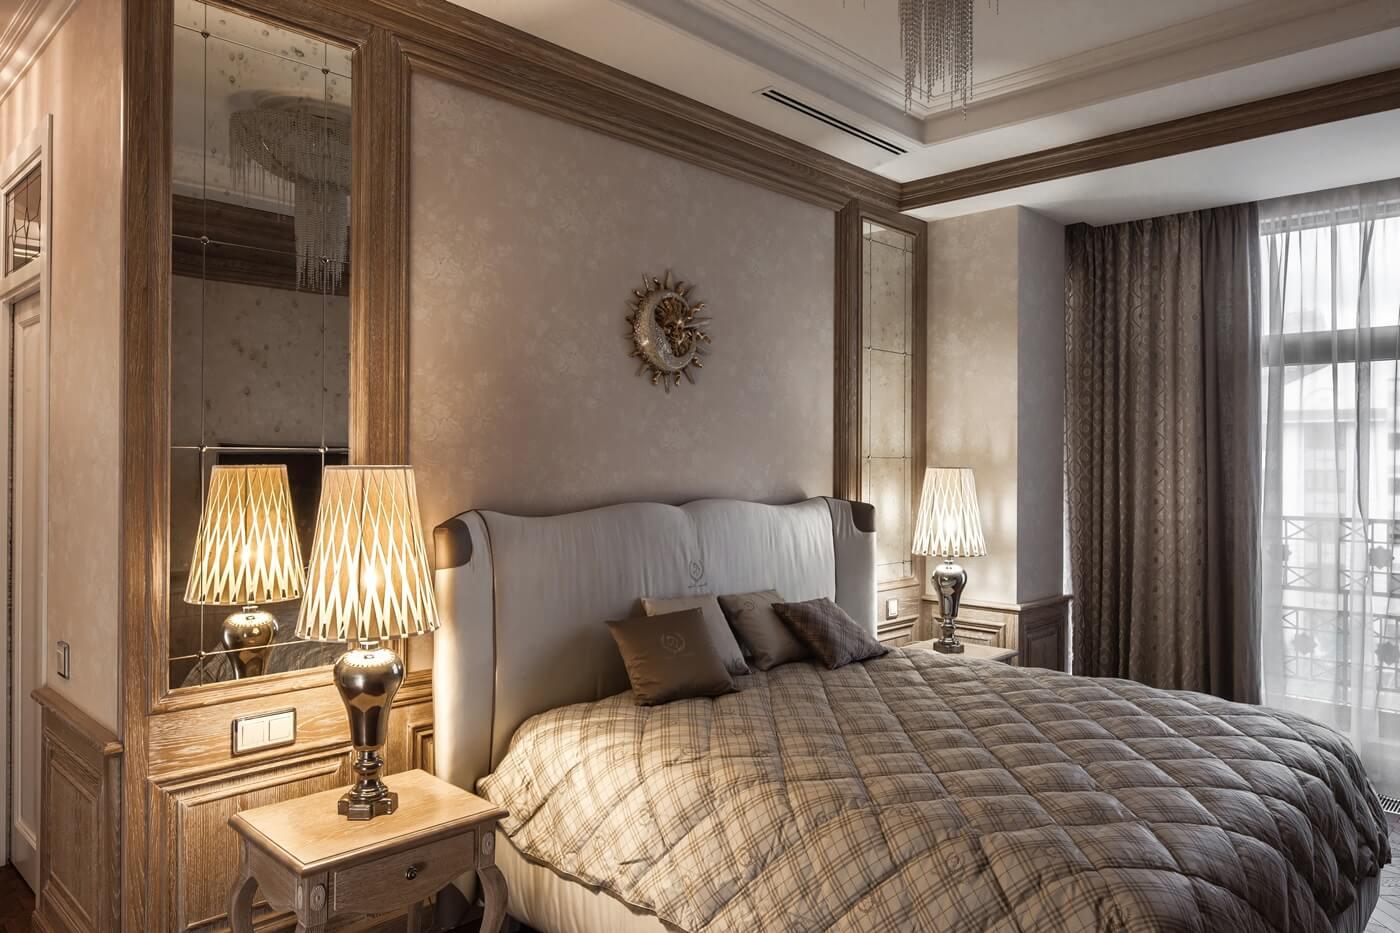 спальня в стиле неоклассика фото интерьер шарик под кожей